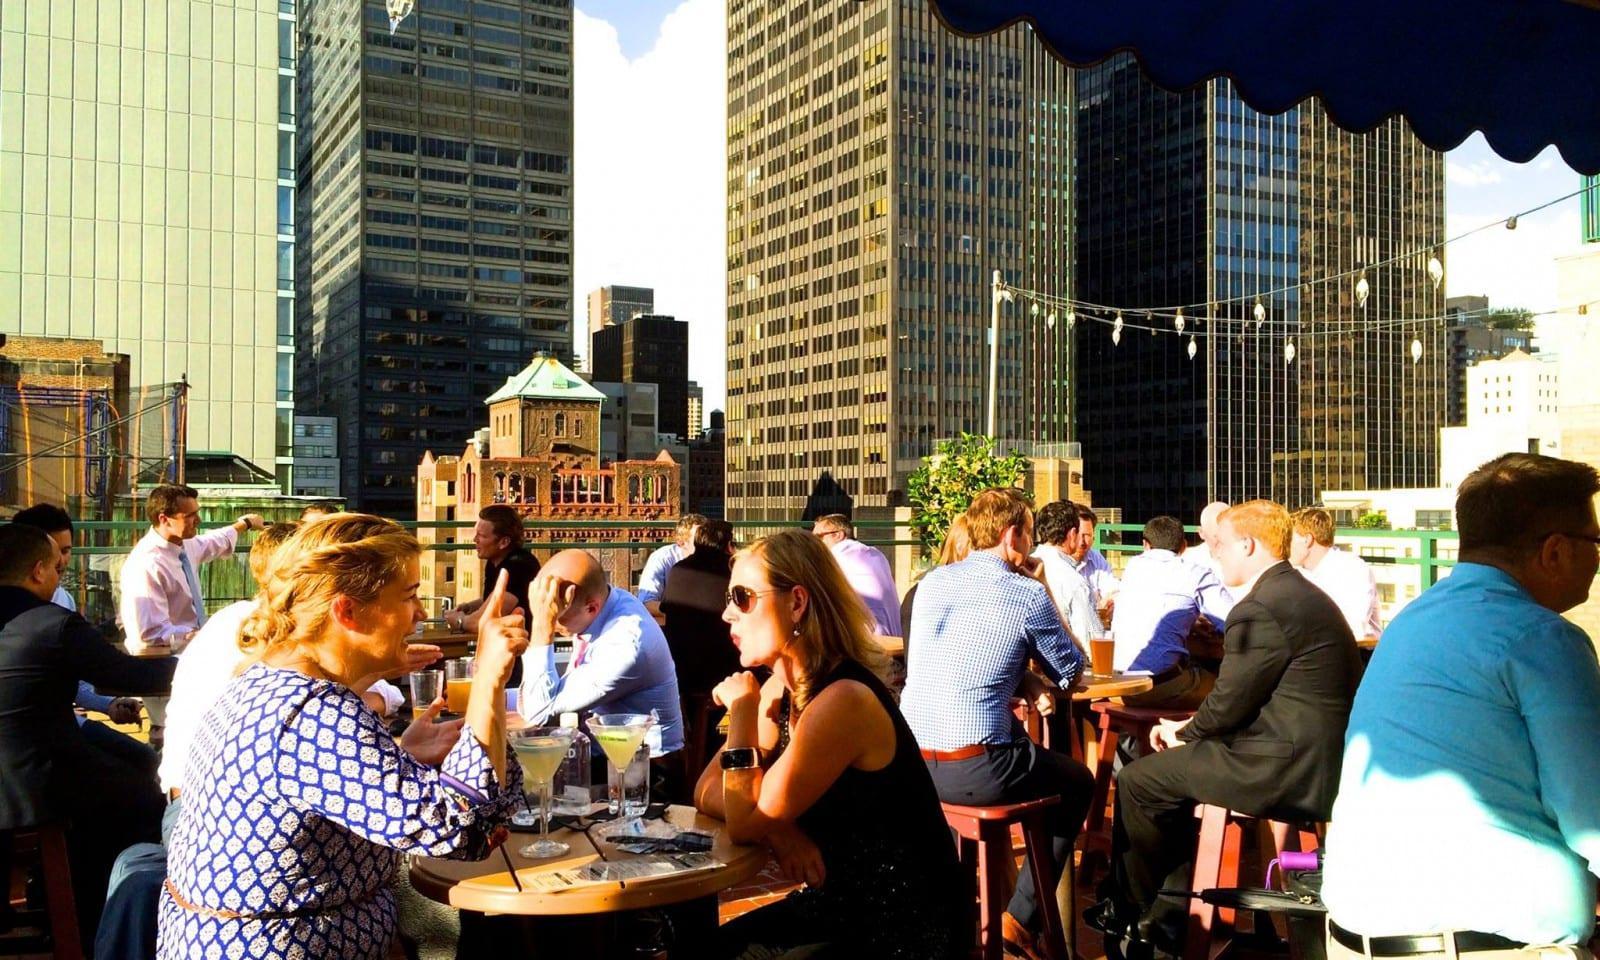 visitors at the rooftop bar rare view